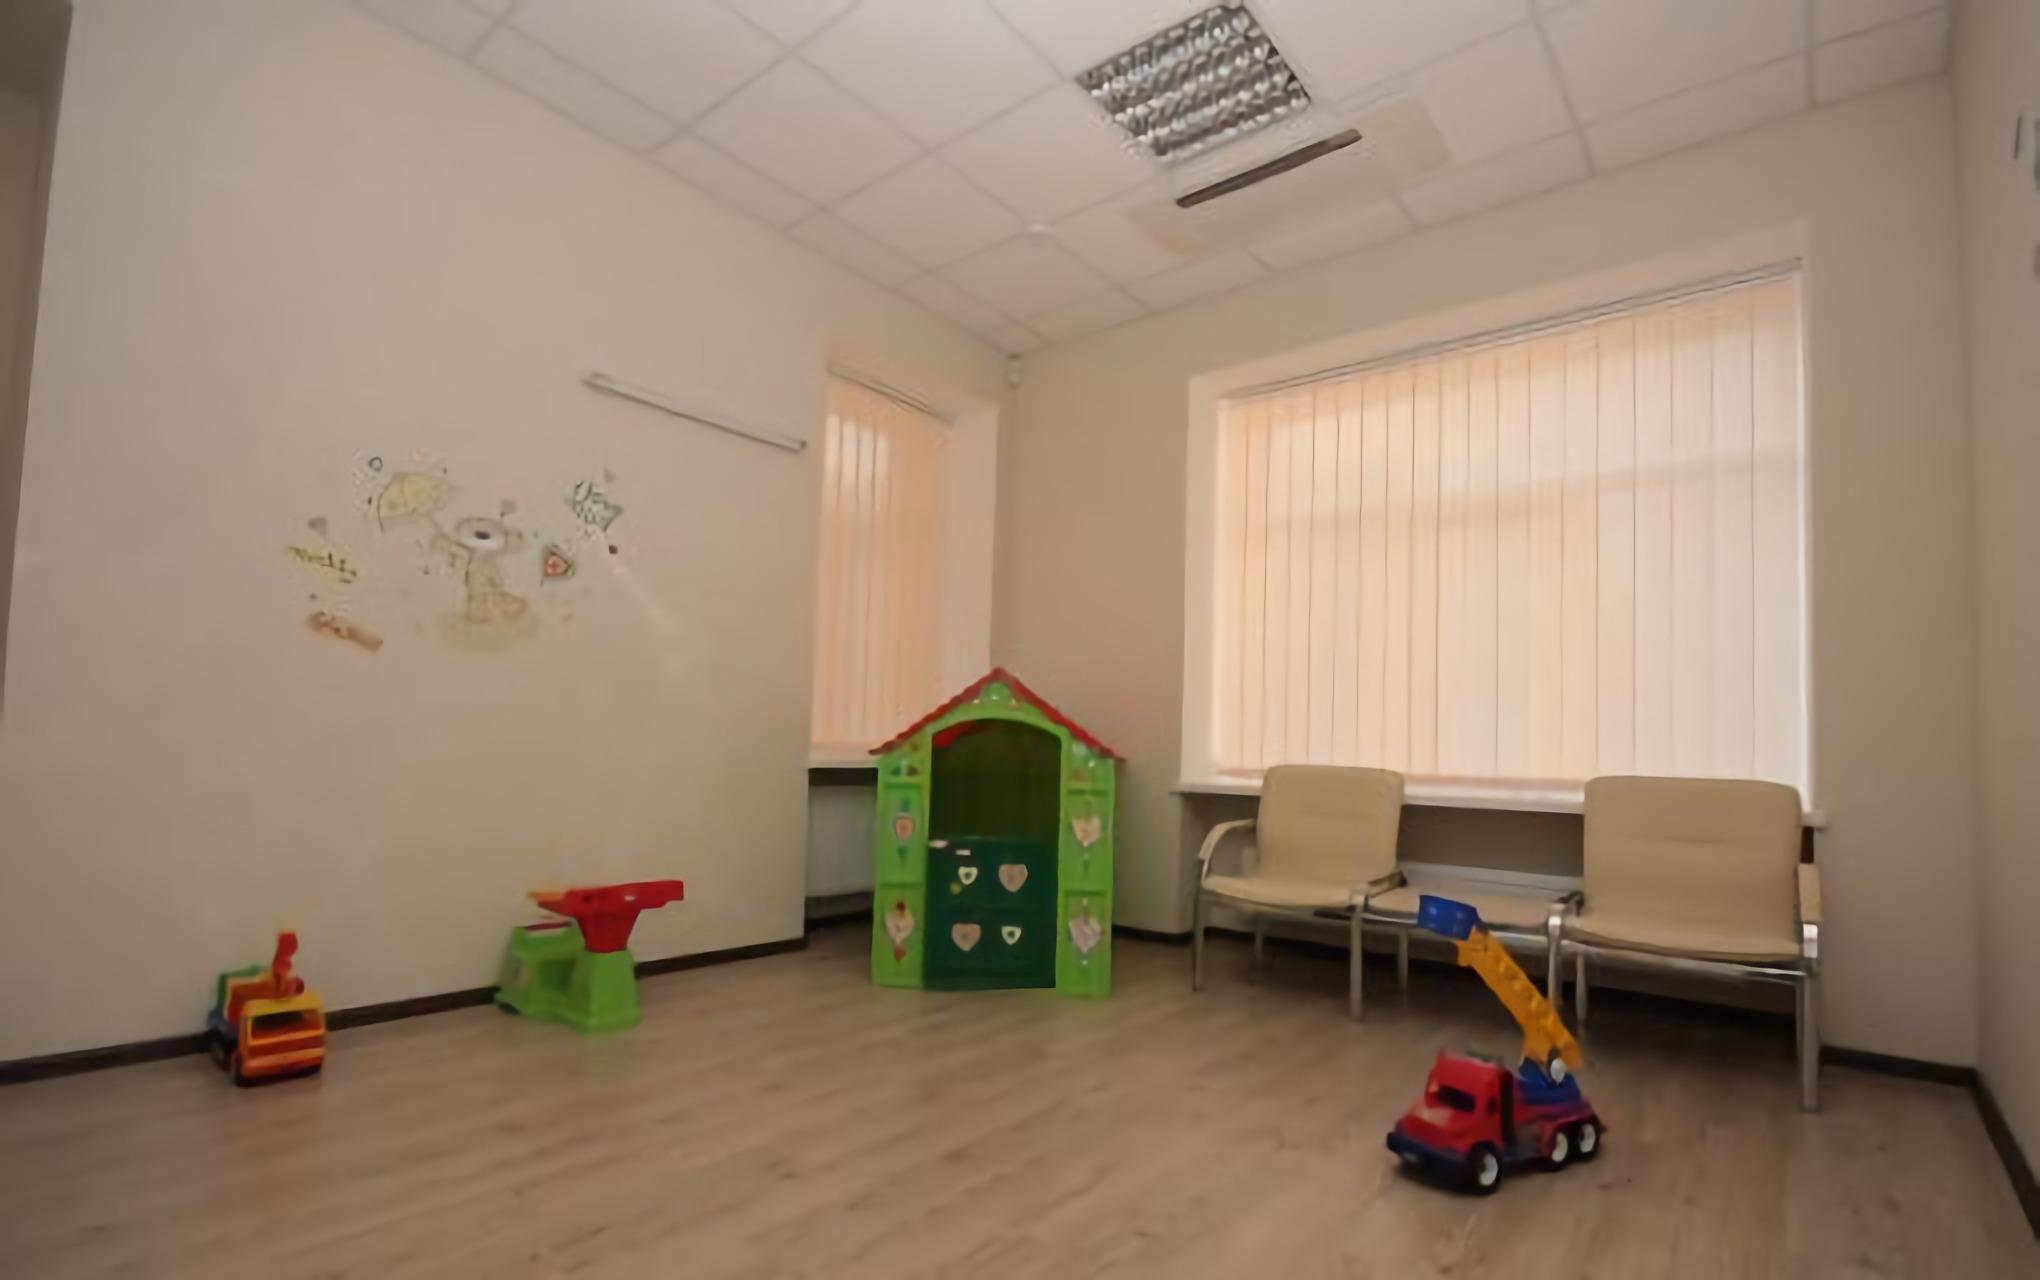 Children's room in the Novy Zir Eye Center